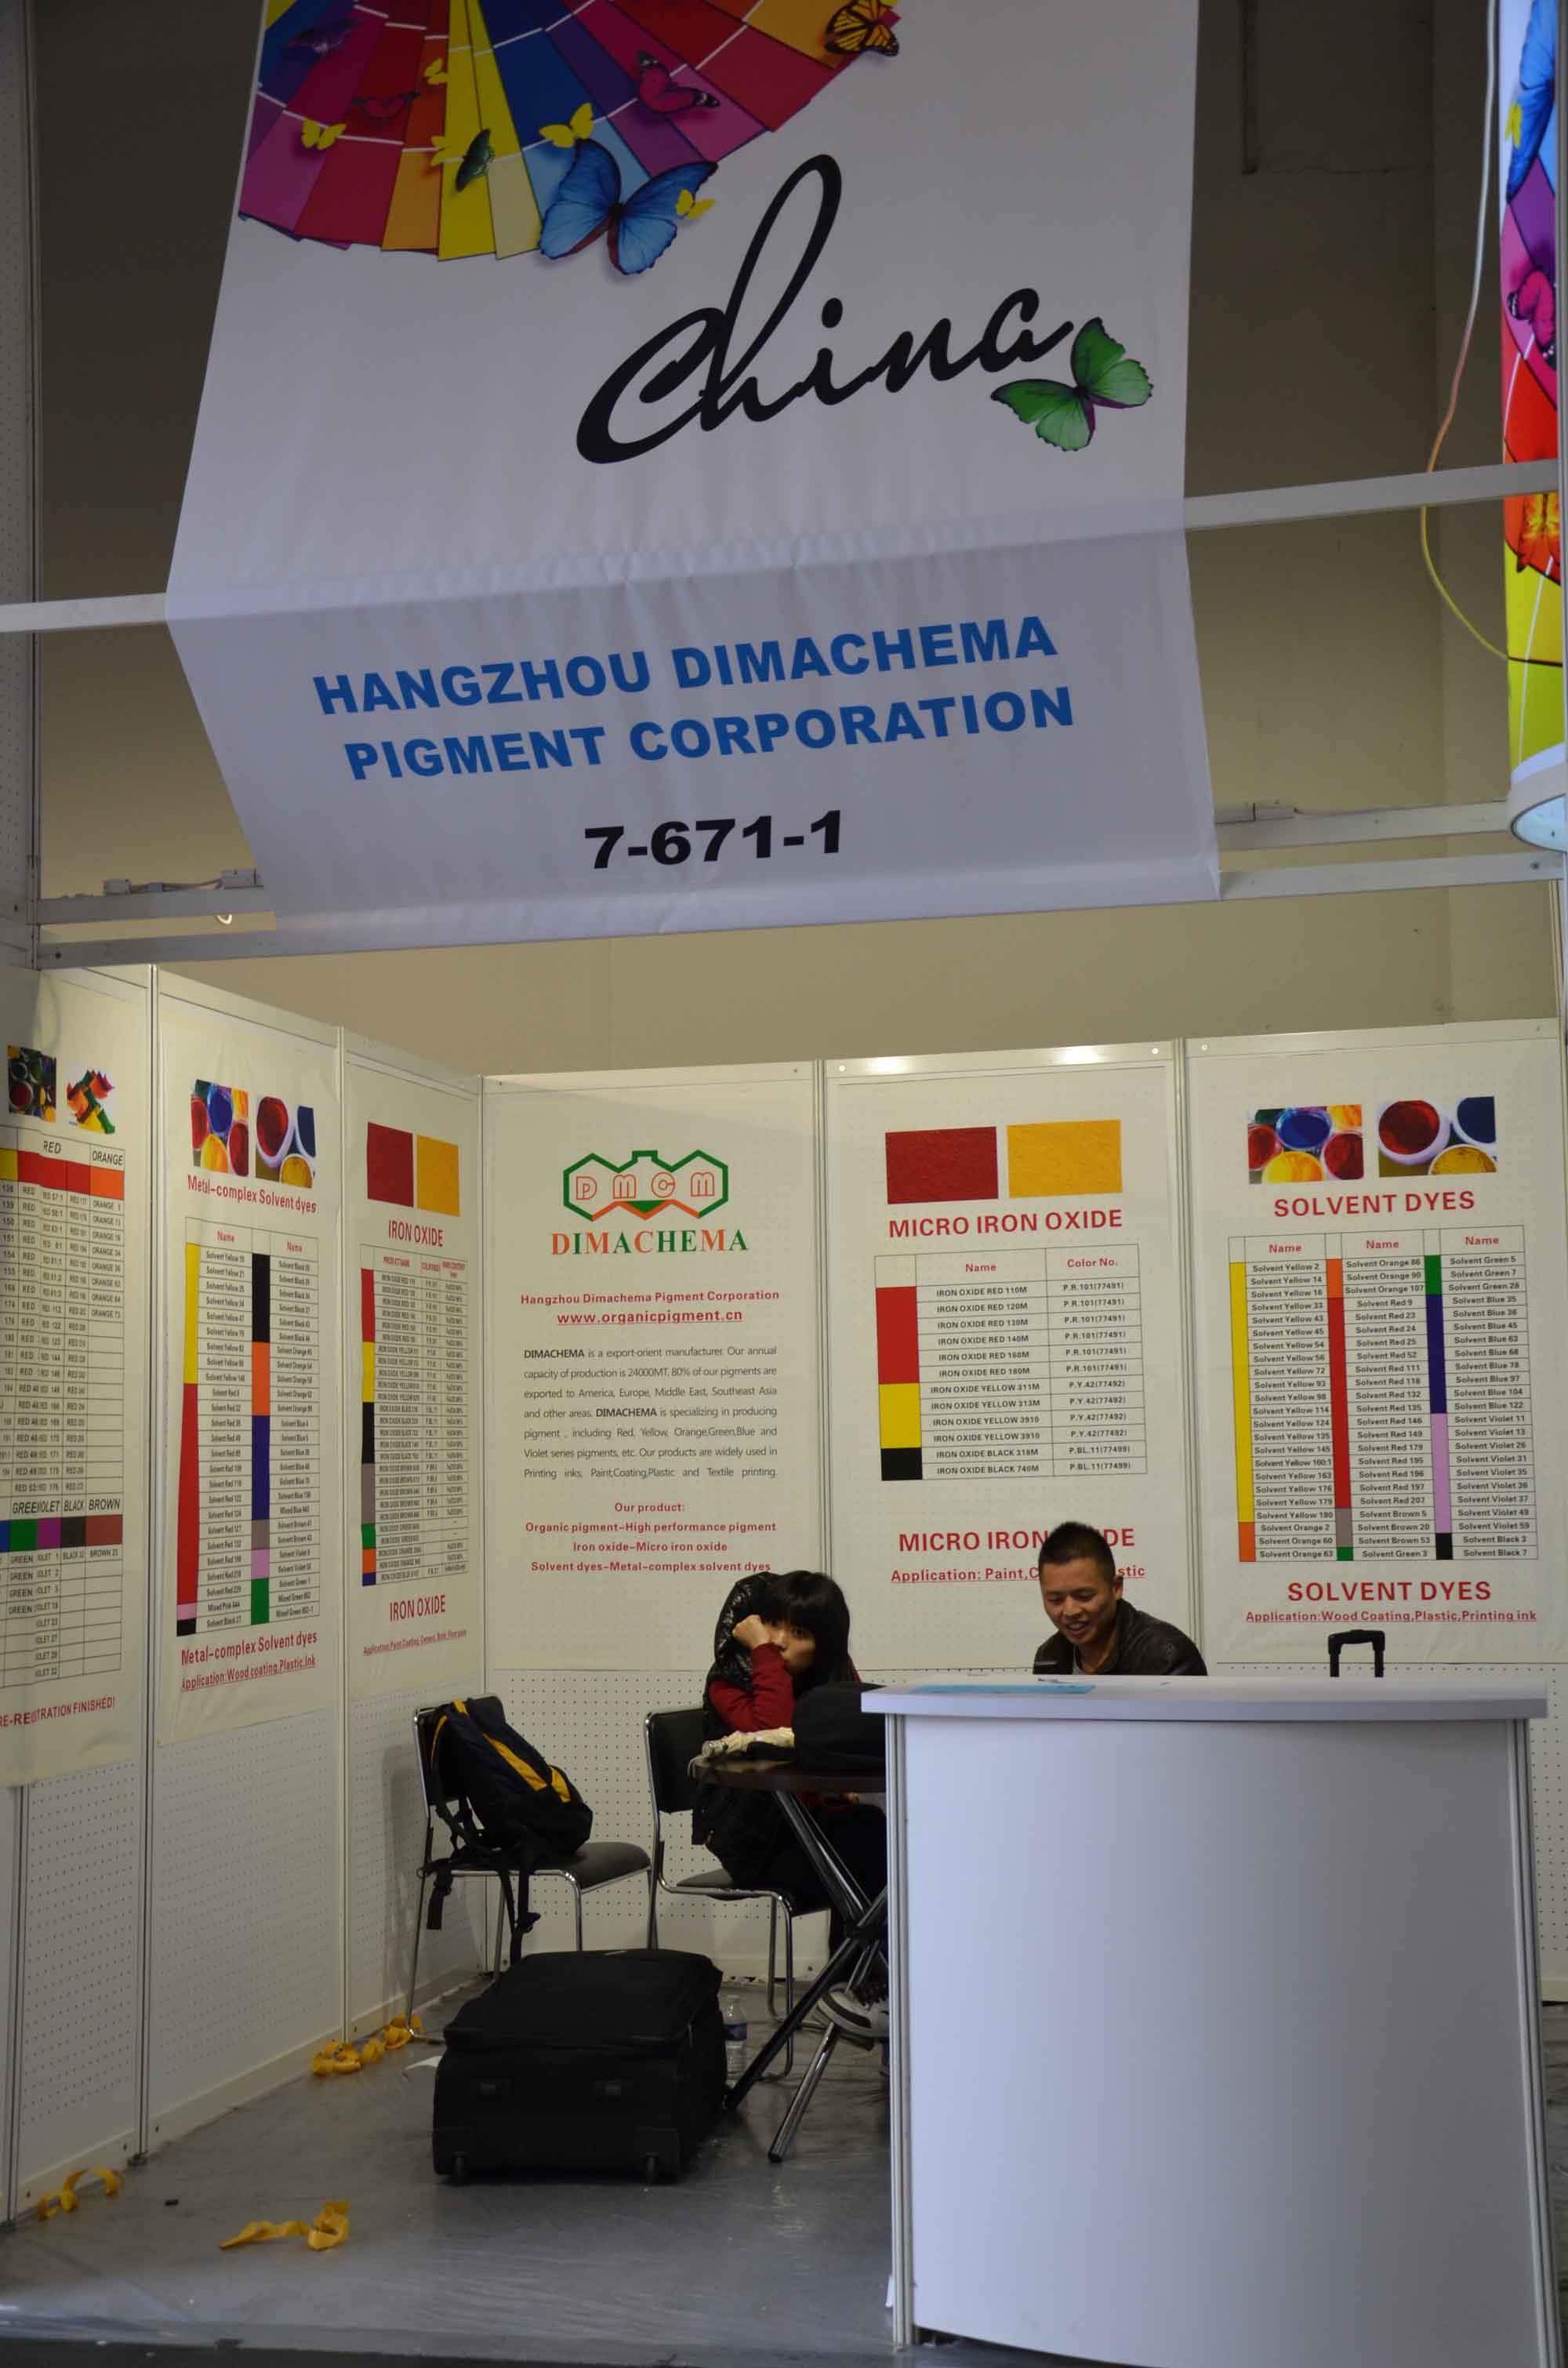 China Coating Exhibition 2013